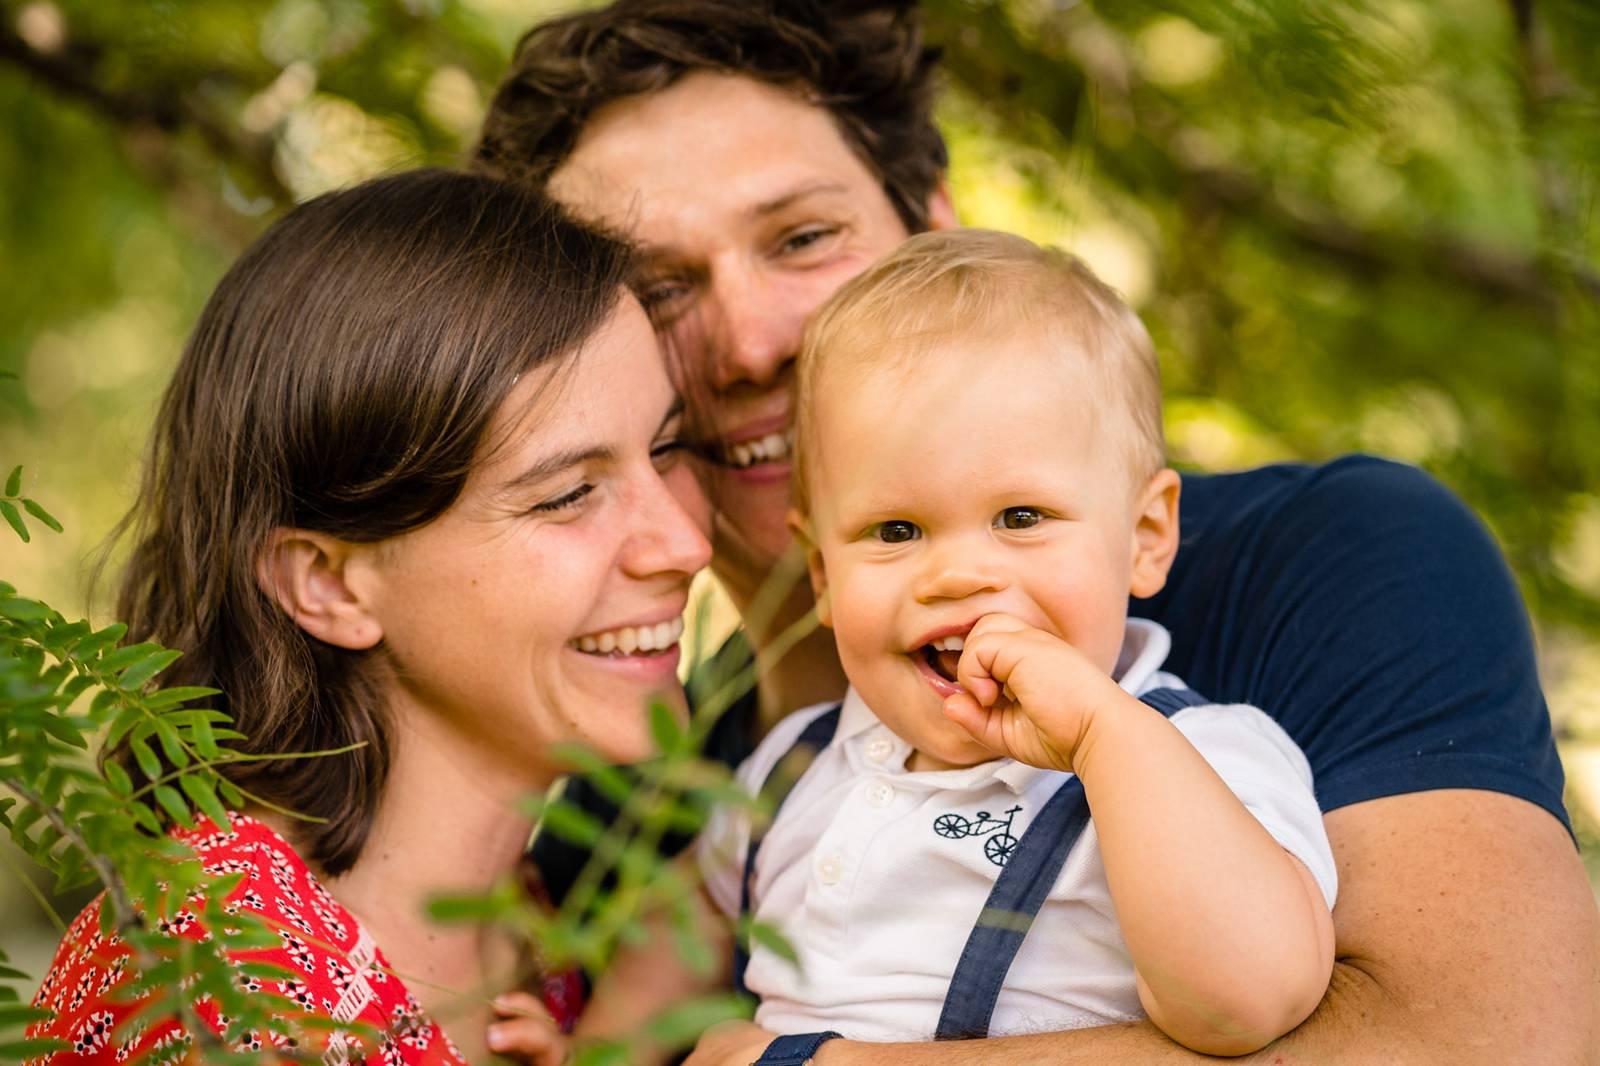 Les photos de famille joyeuses de la Famille C. au Parc Bordelais de Bordeaux. Un moment de jeux et d'interaction entre enfant et parents. Photographe Famille.